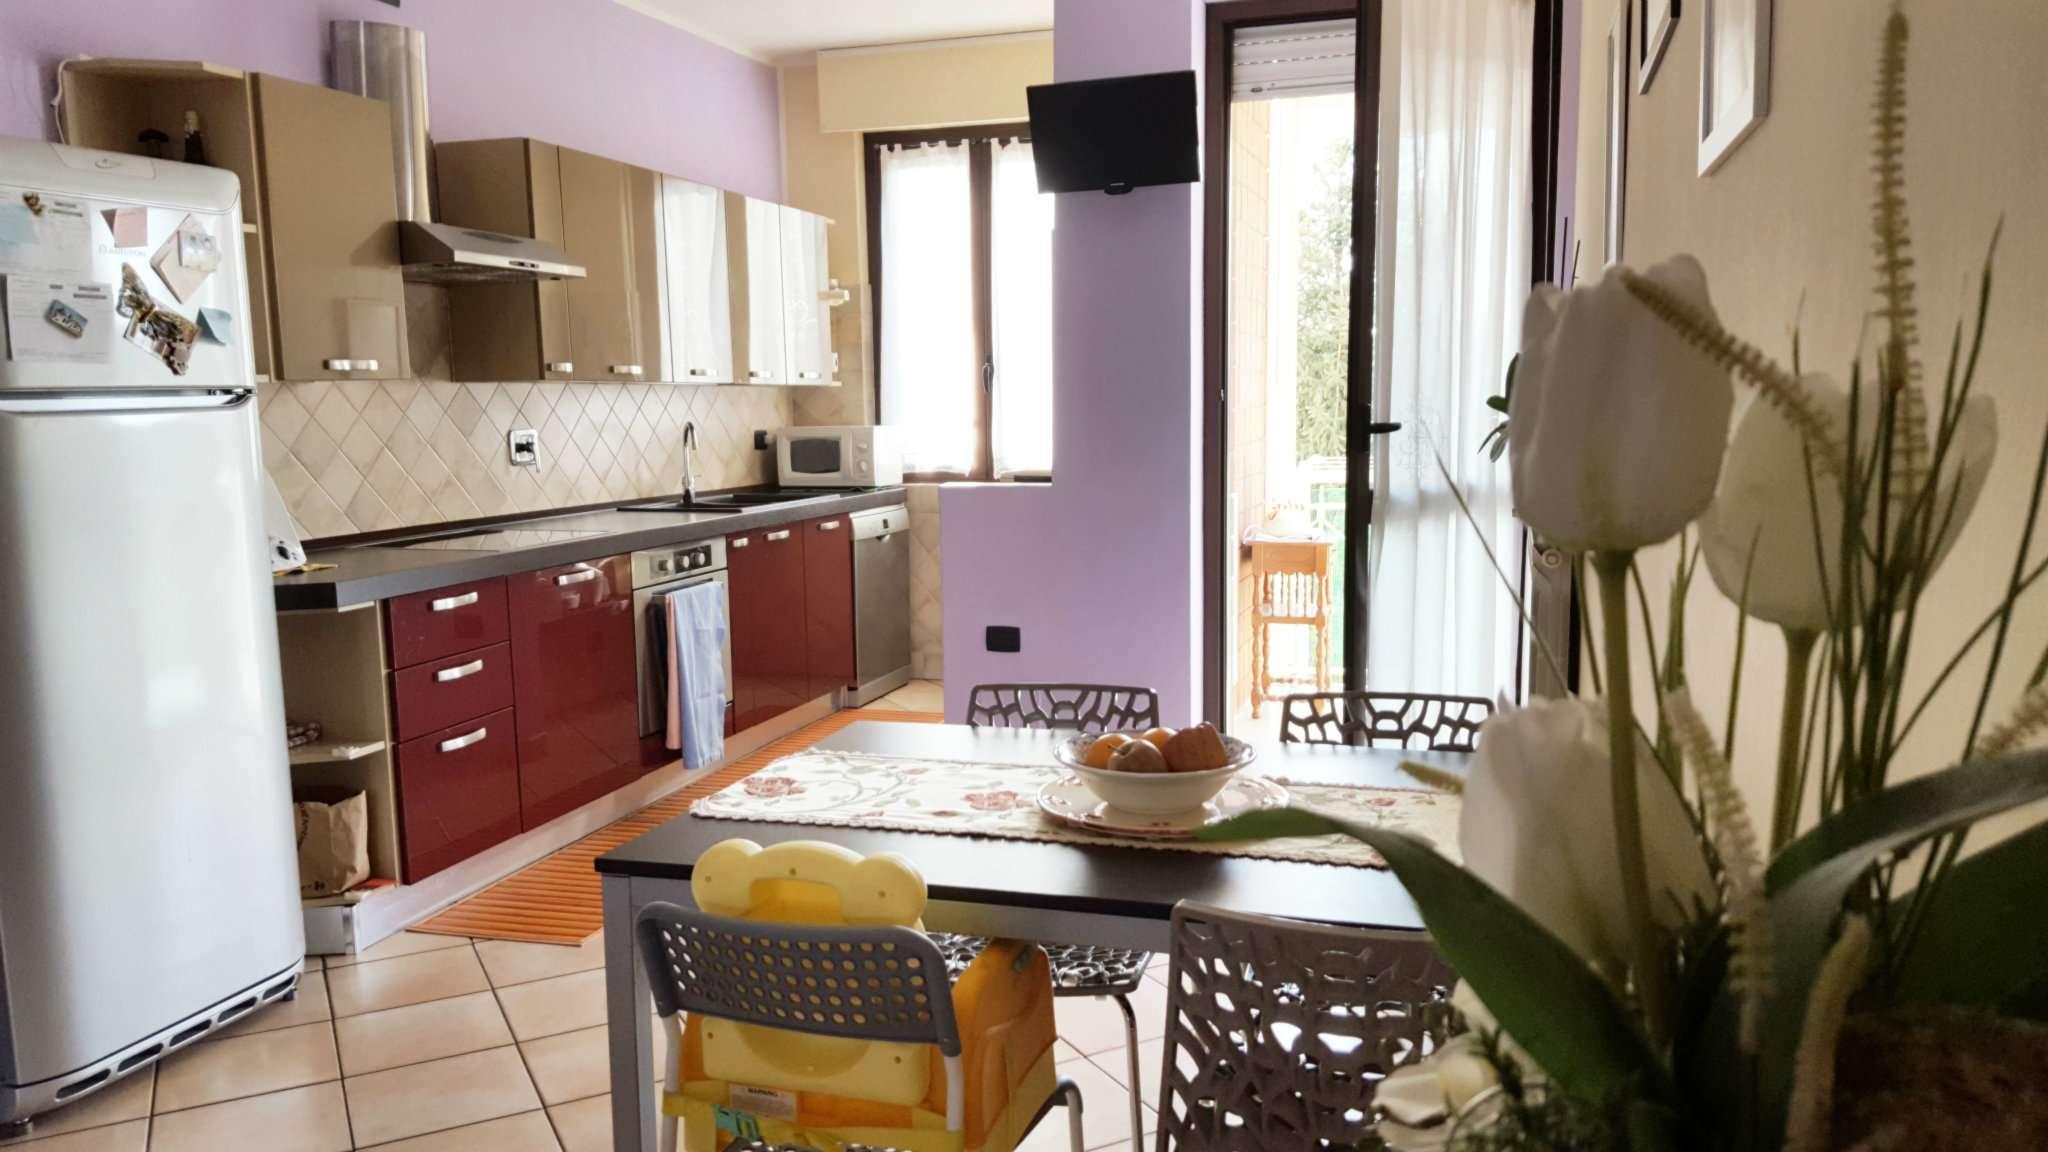 Appartamento in vendita a None, 4 locali, prezzo € 135.000 | CambioCasa.it